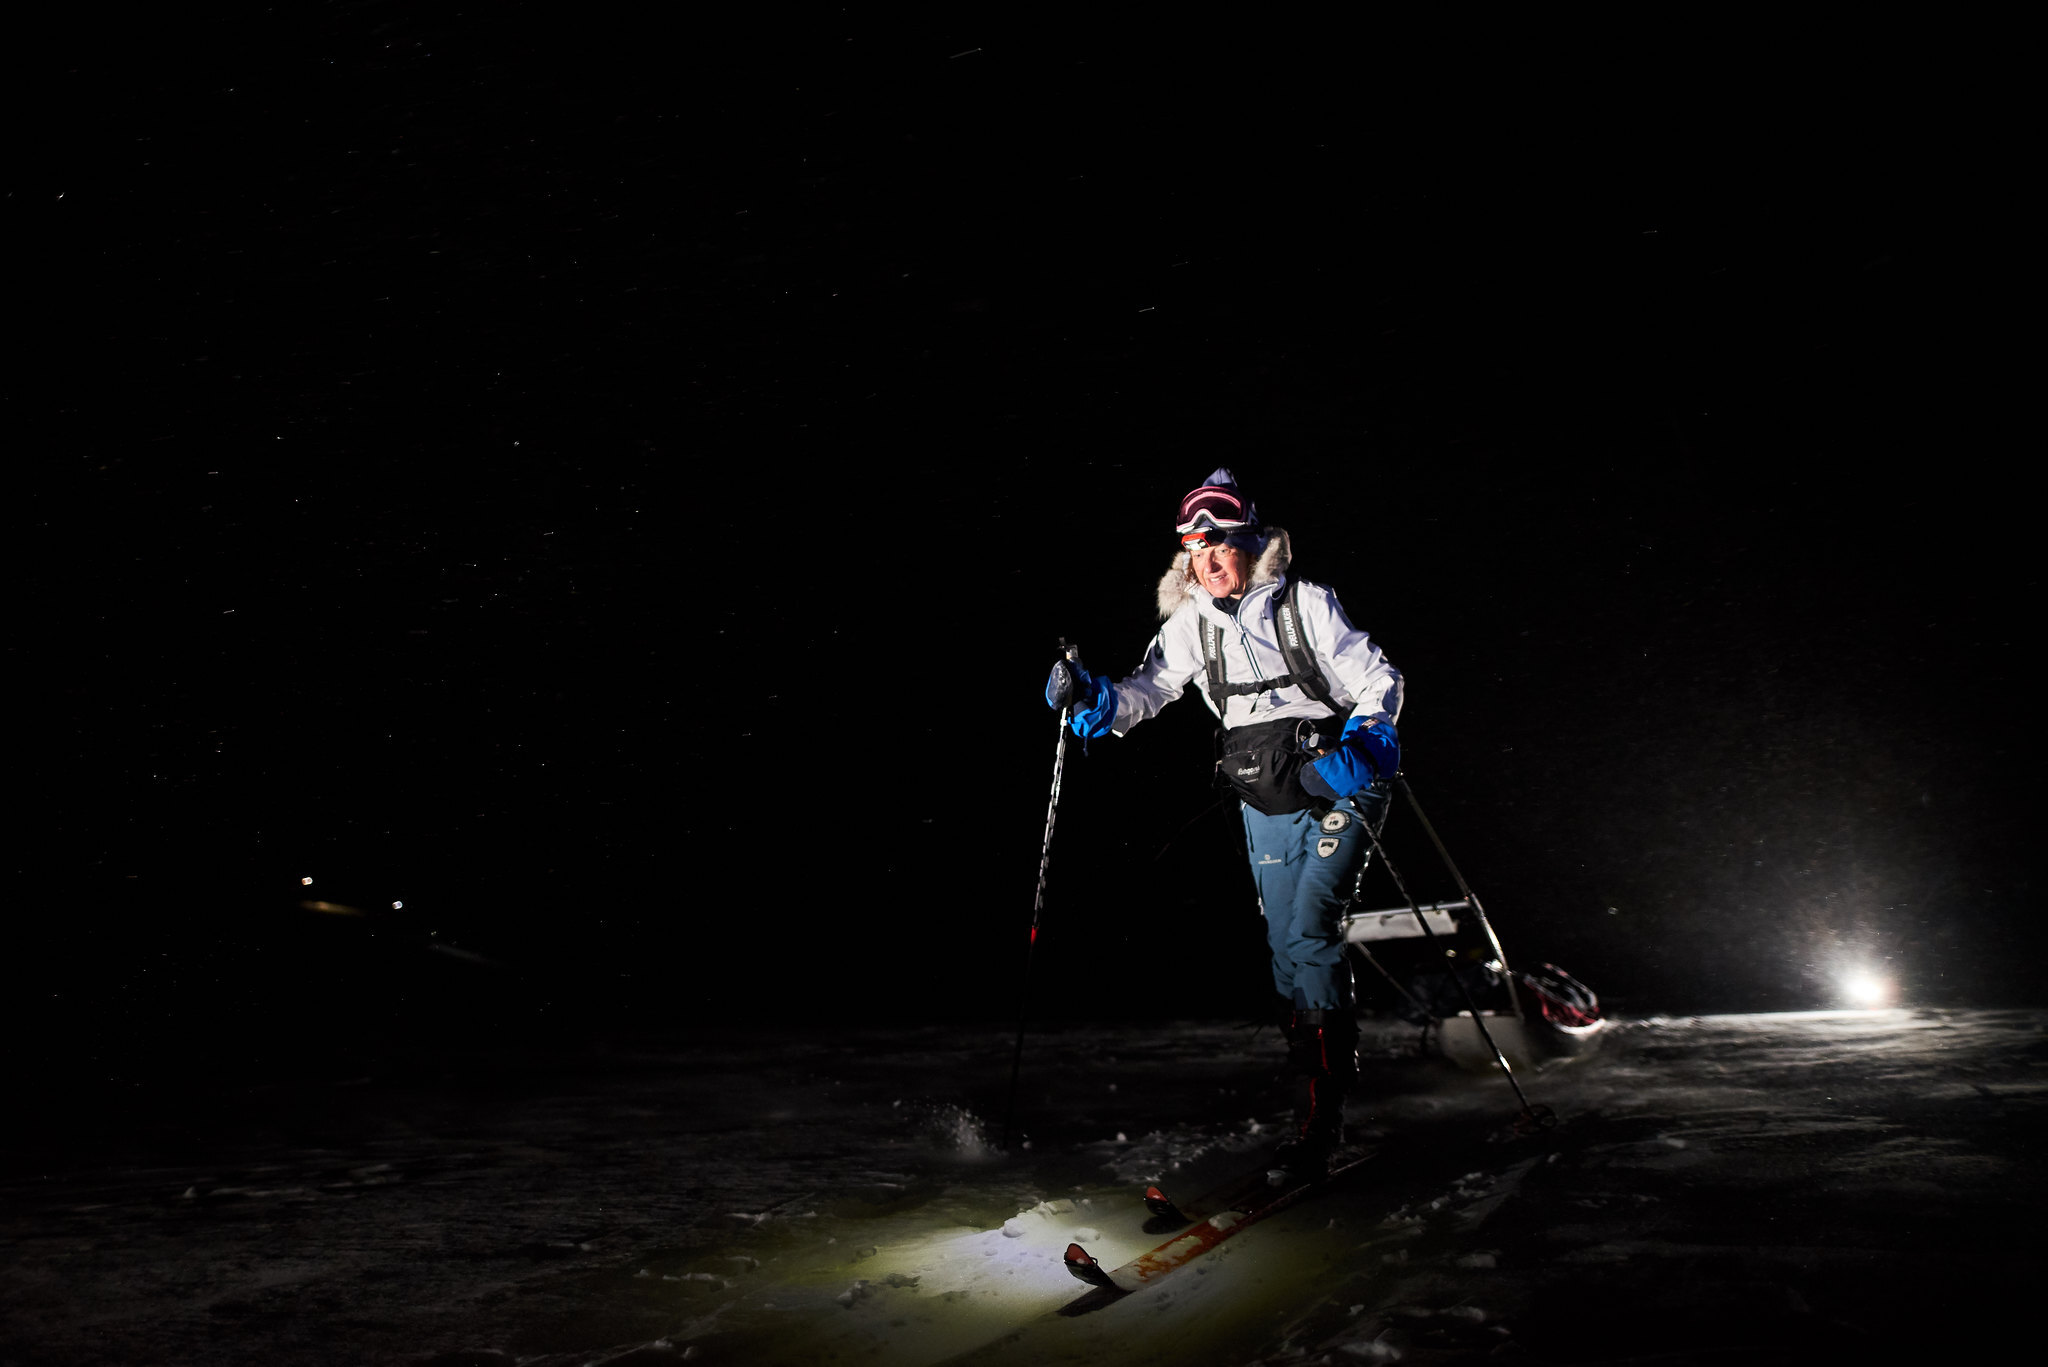 Natt_Foto_Xavier Koenig_Xtremeidfjord.jpg